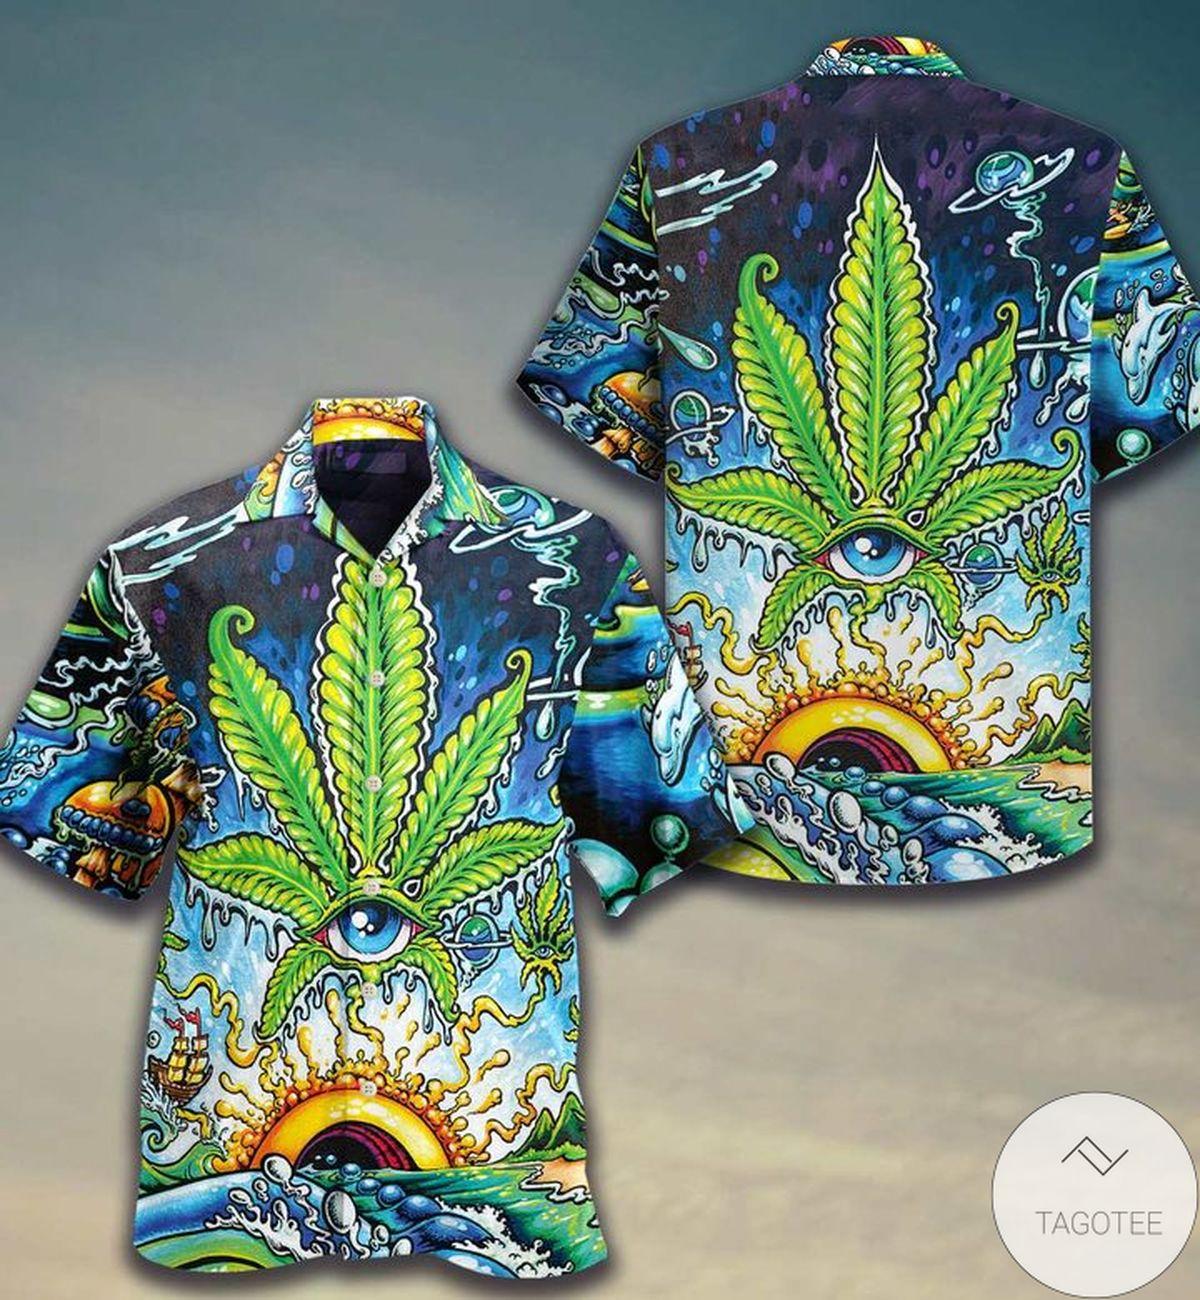 Funny Tee Weed Psychedelic Color Hawaiian Shirt